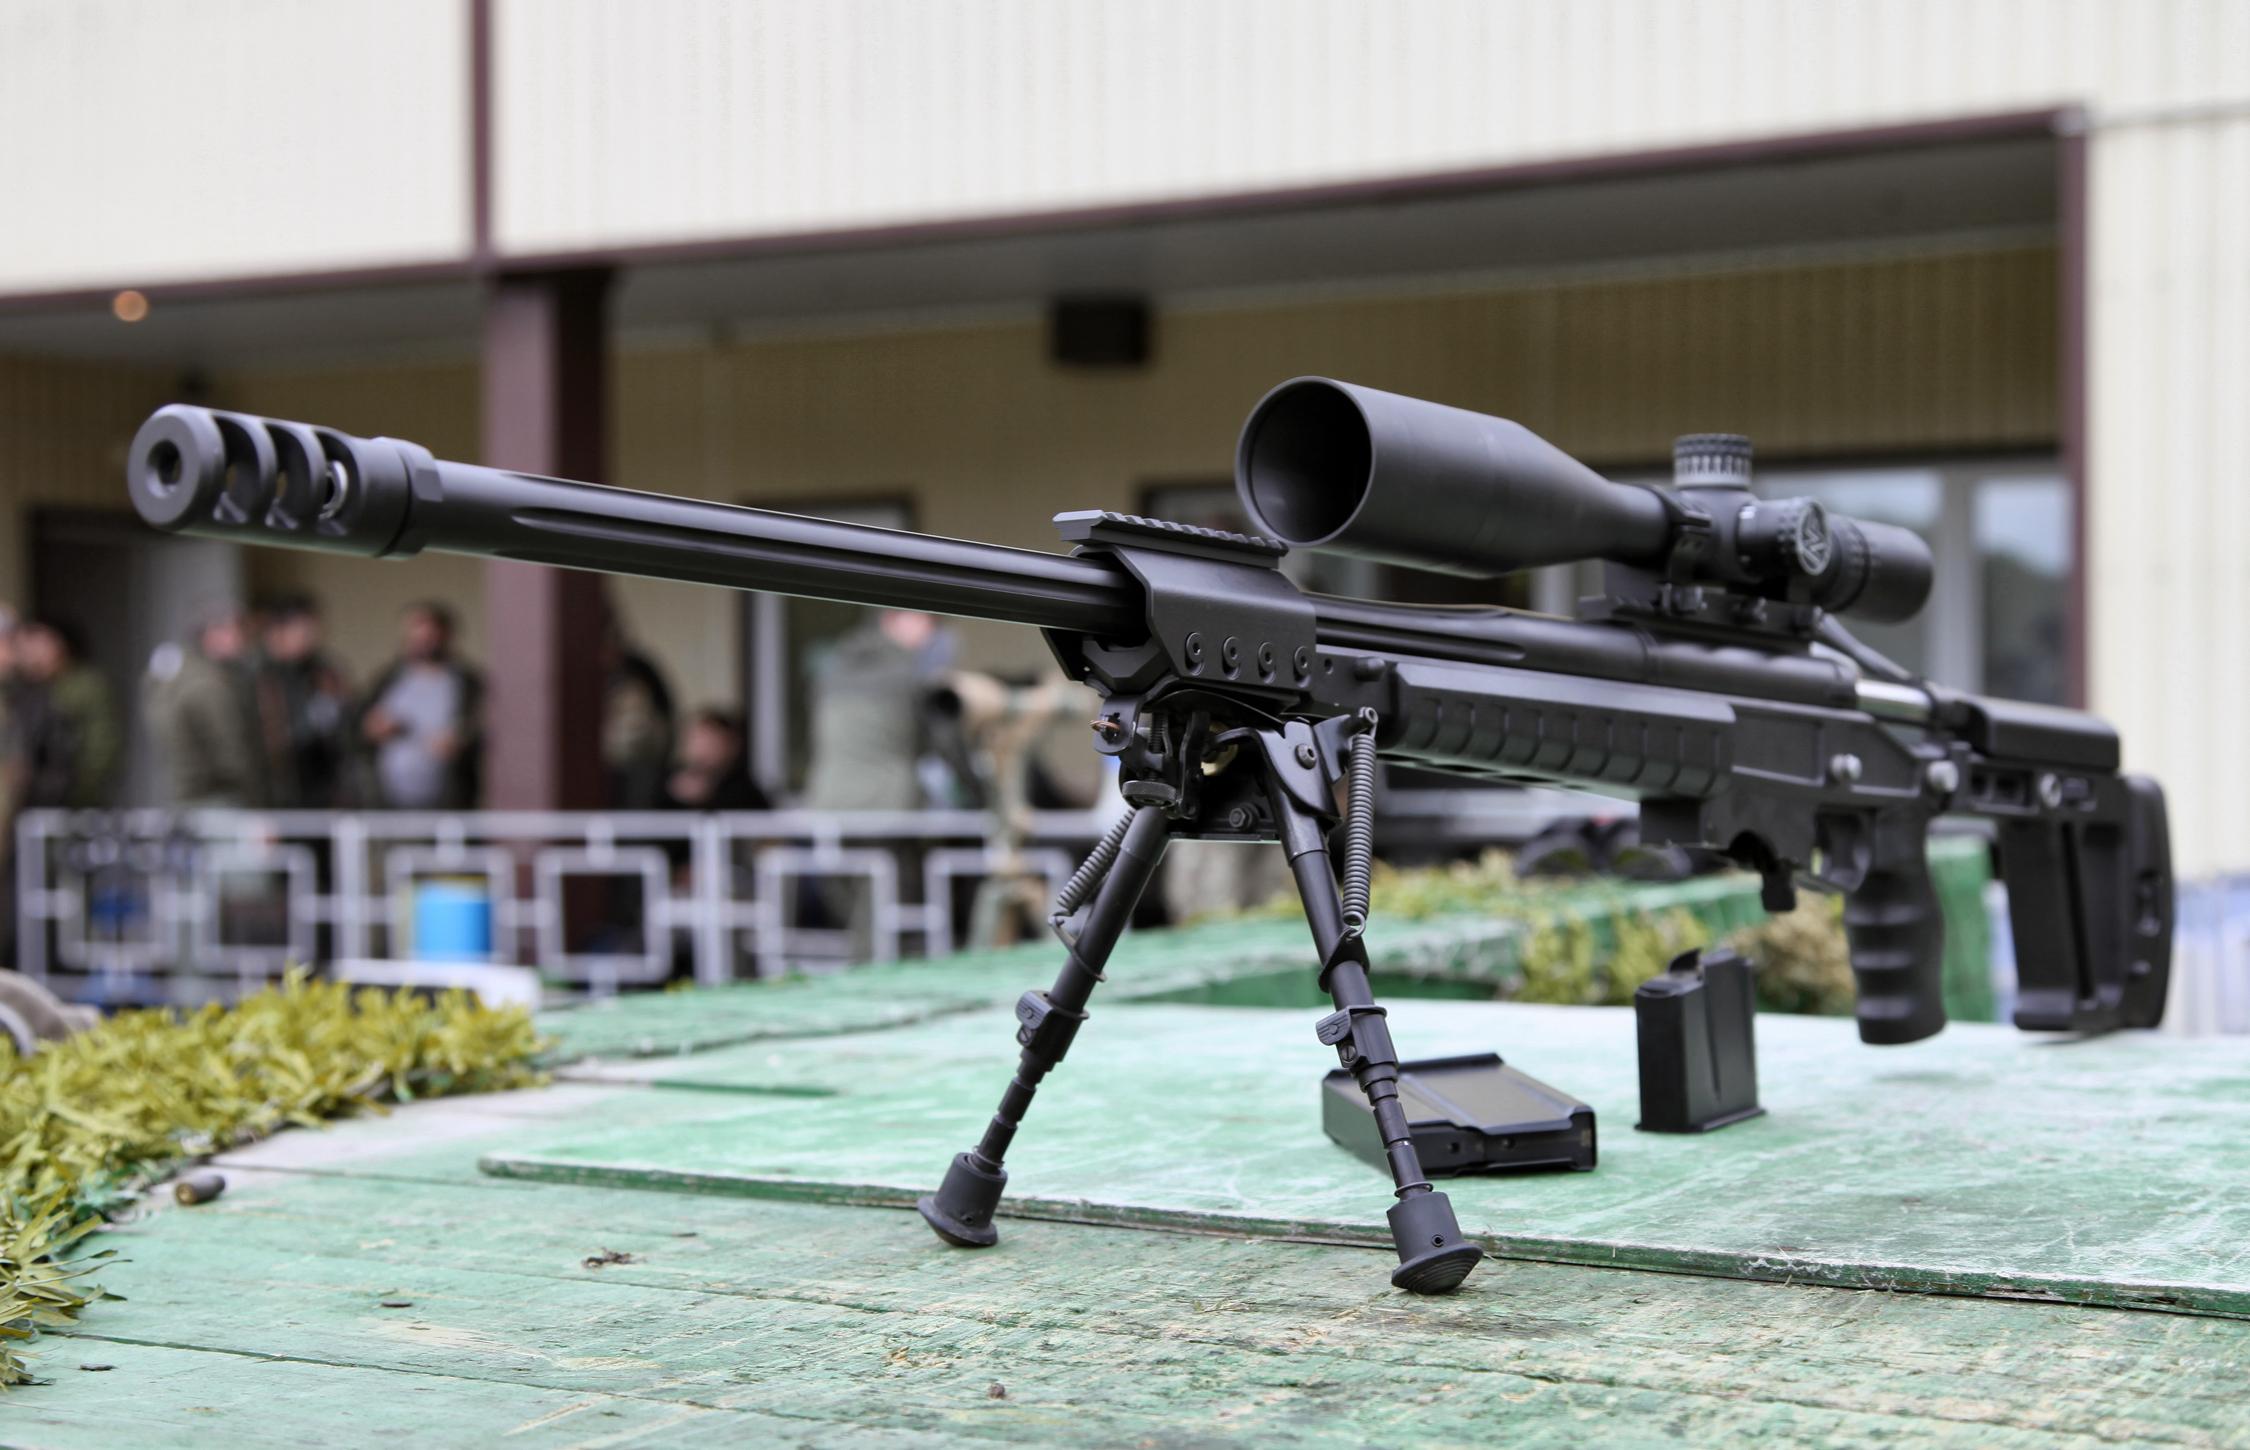 16 ноя 2016. В обоих случаях речь шла об одной винтовке — orsis т-5000. Патронов завод купил современное оборудование итальянской.